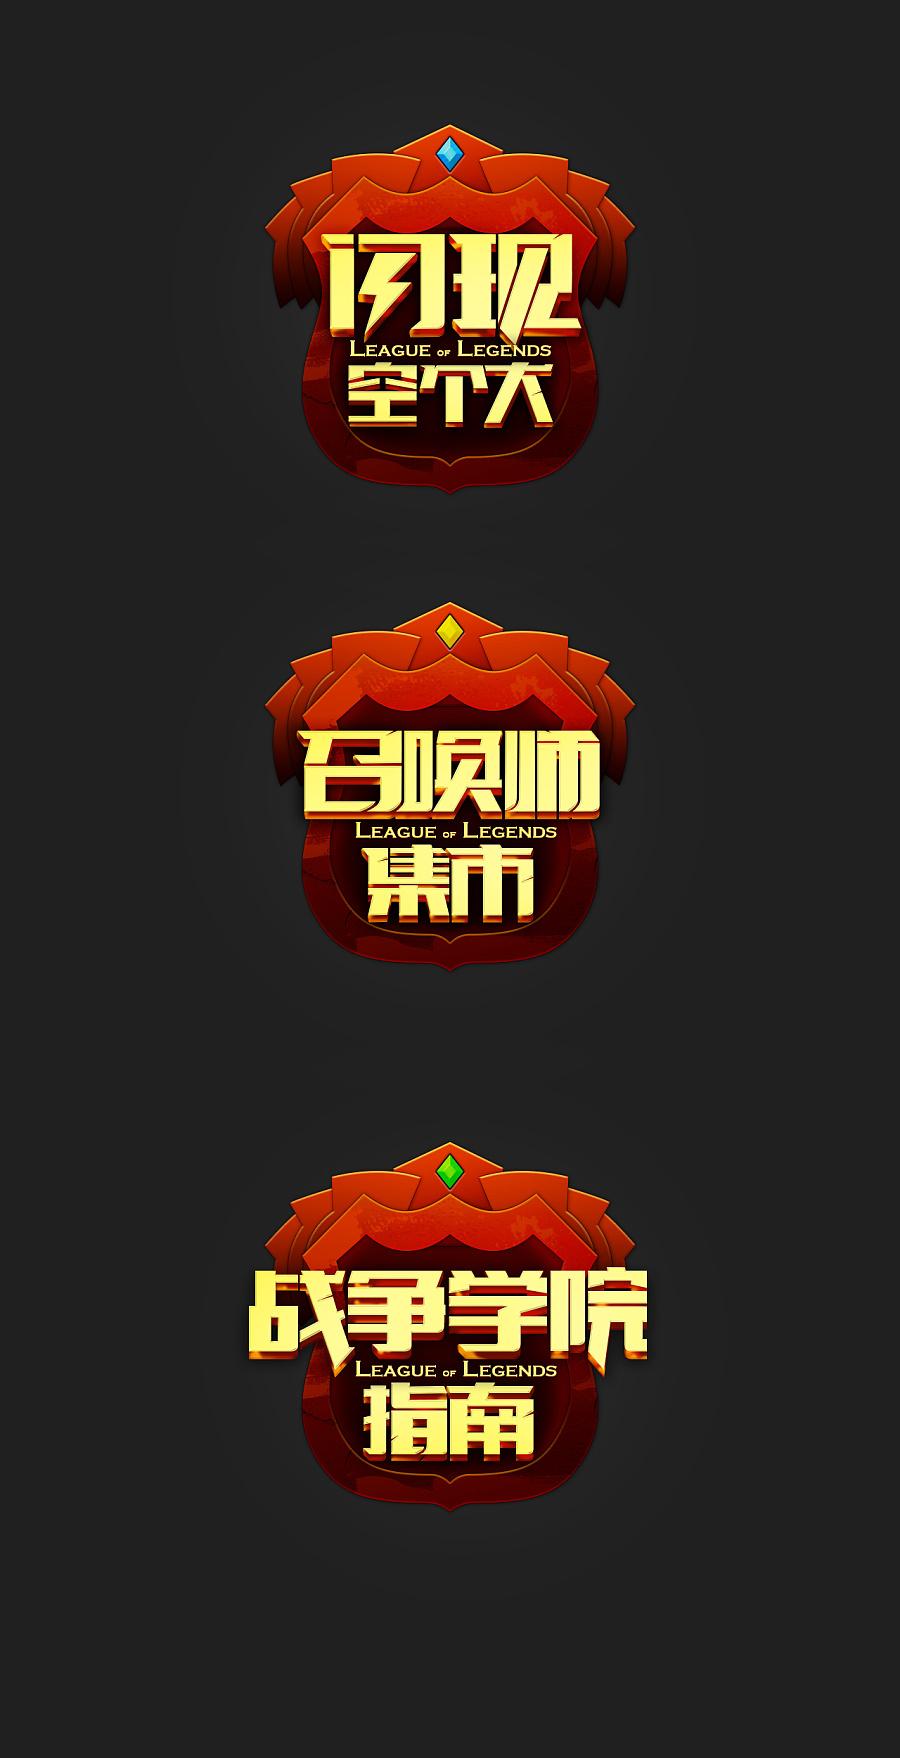 栏目logo设计,字体设计!|字体/字形|平面|77095859